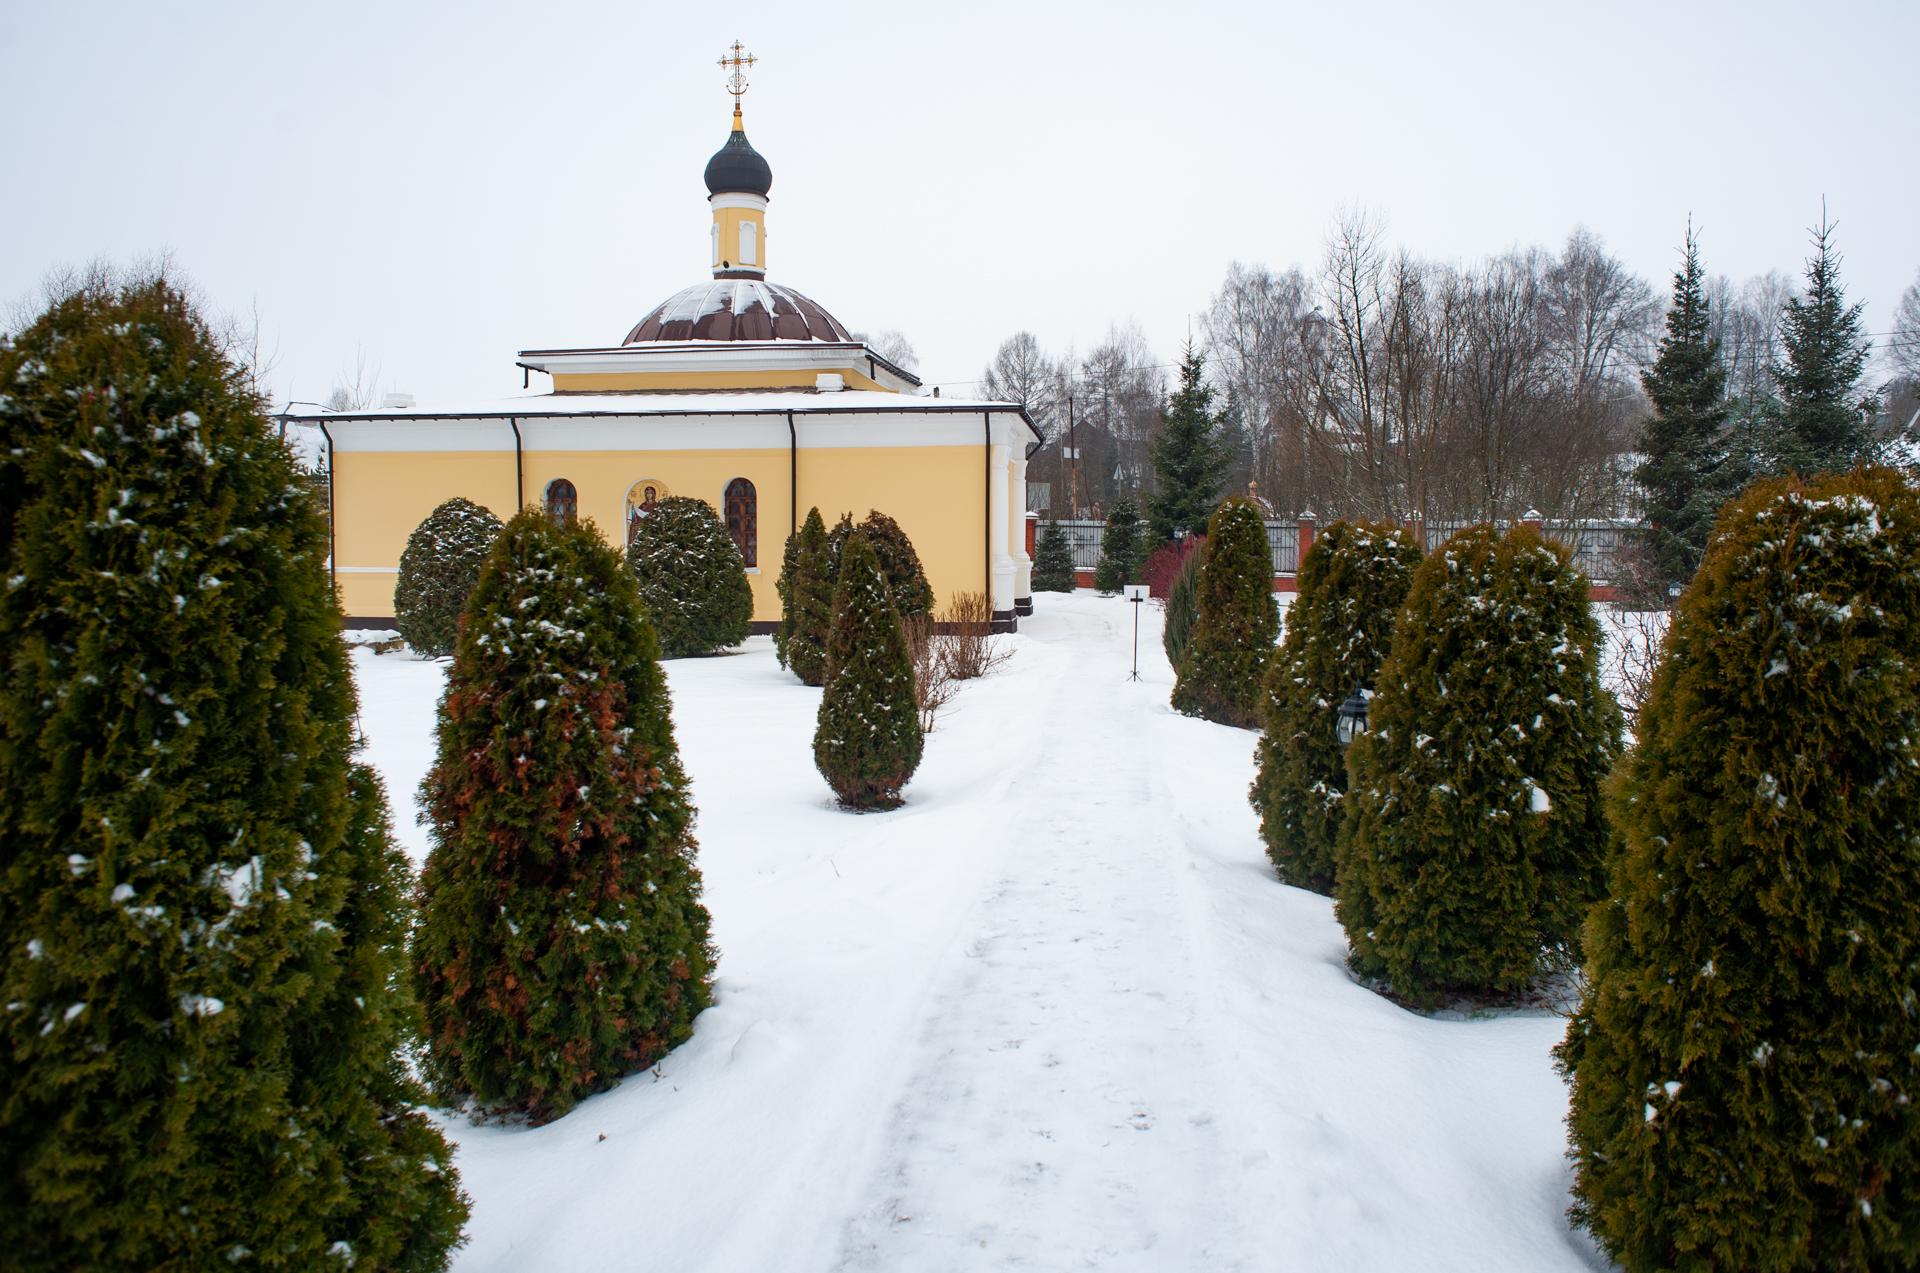 Талицы, Подворье Свято-Троицкого Стефано-Махрищского ставропигиального монастыря